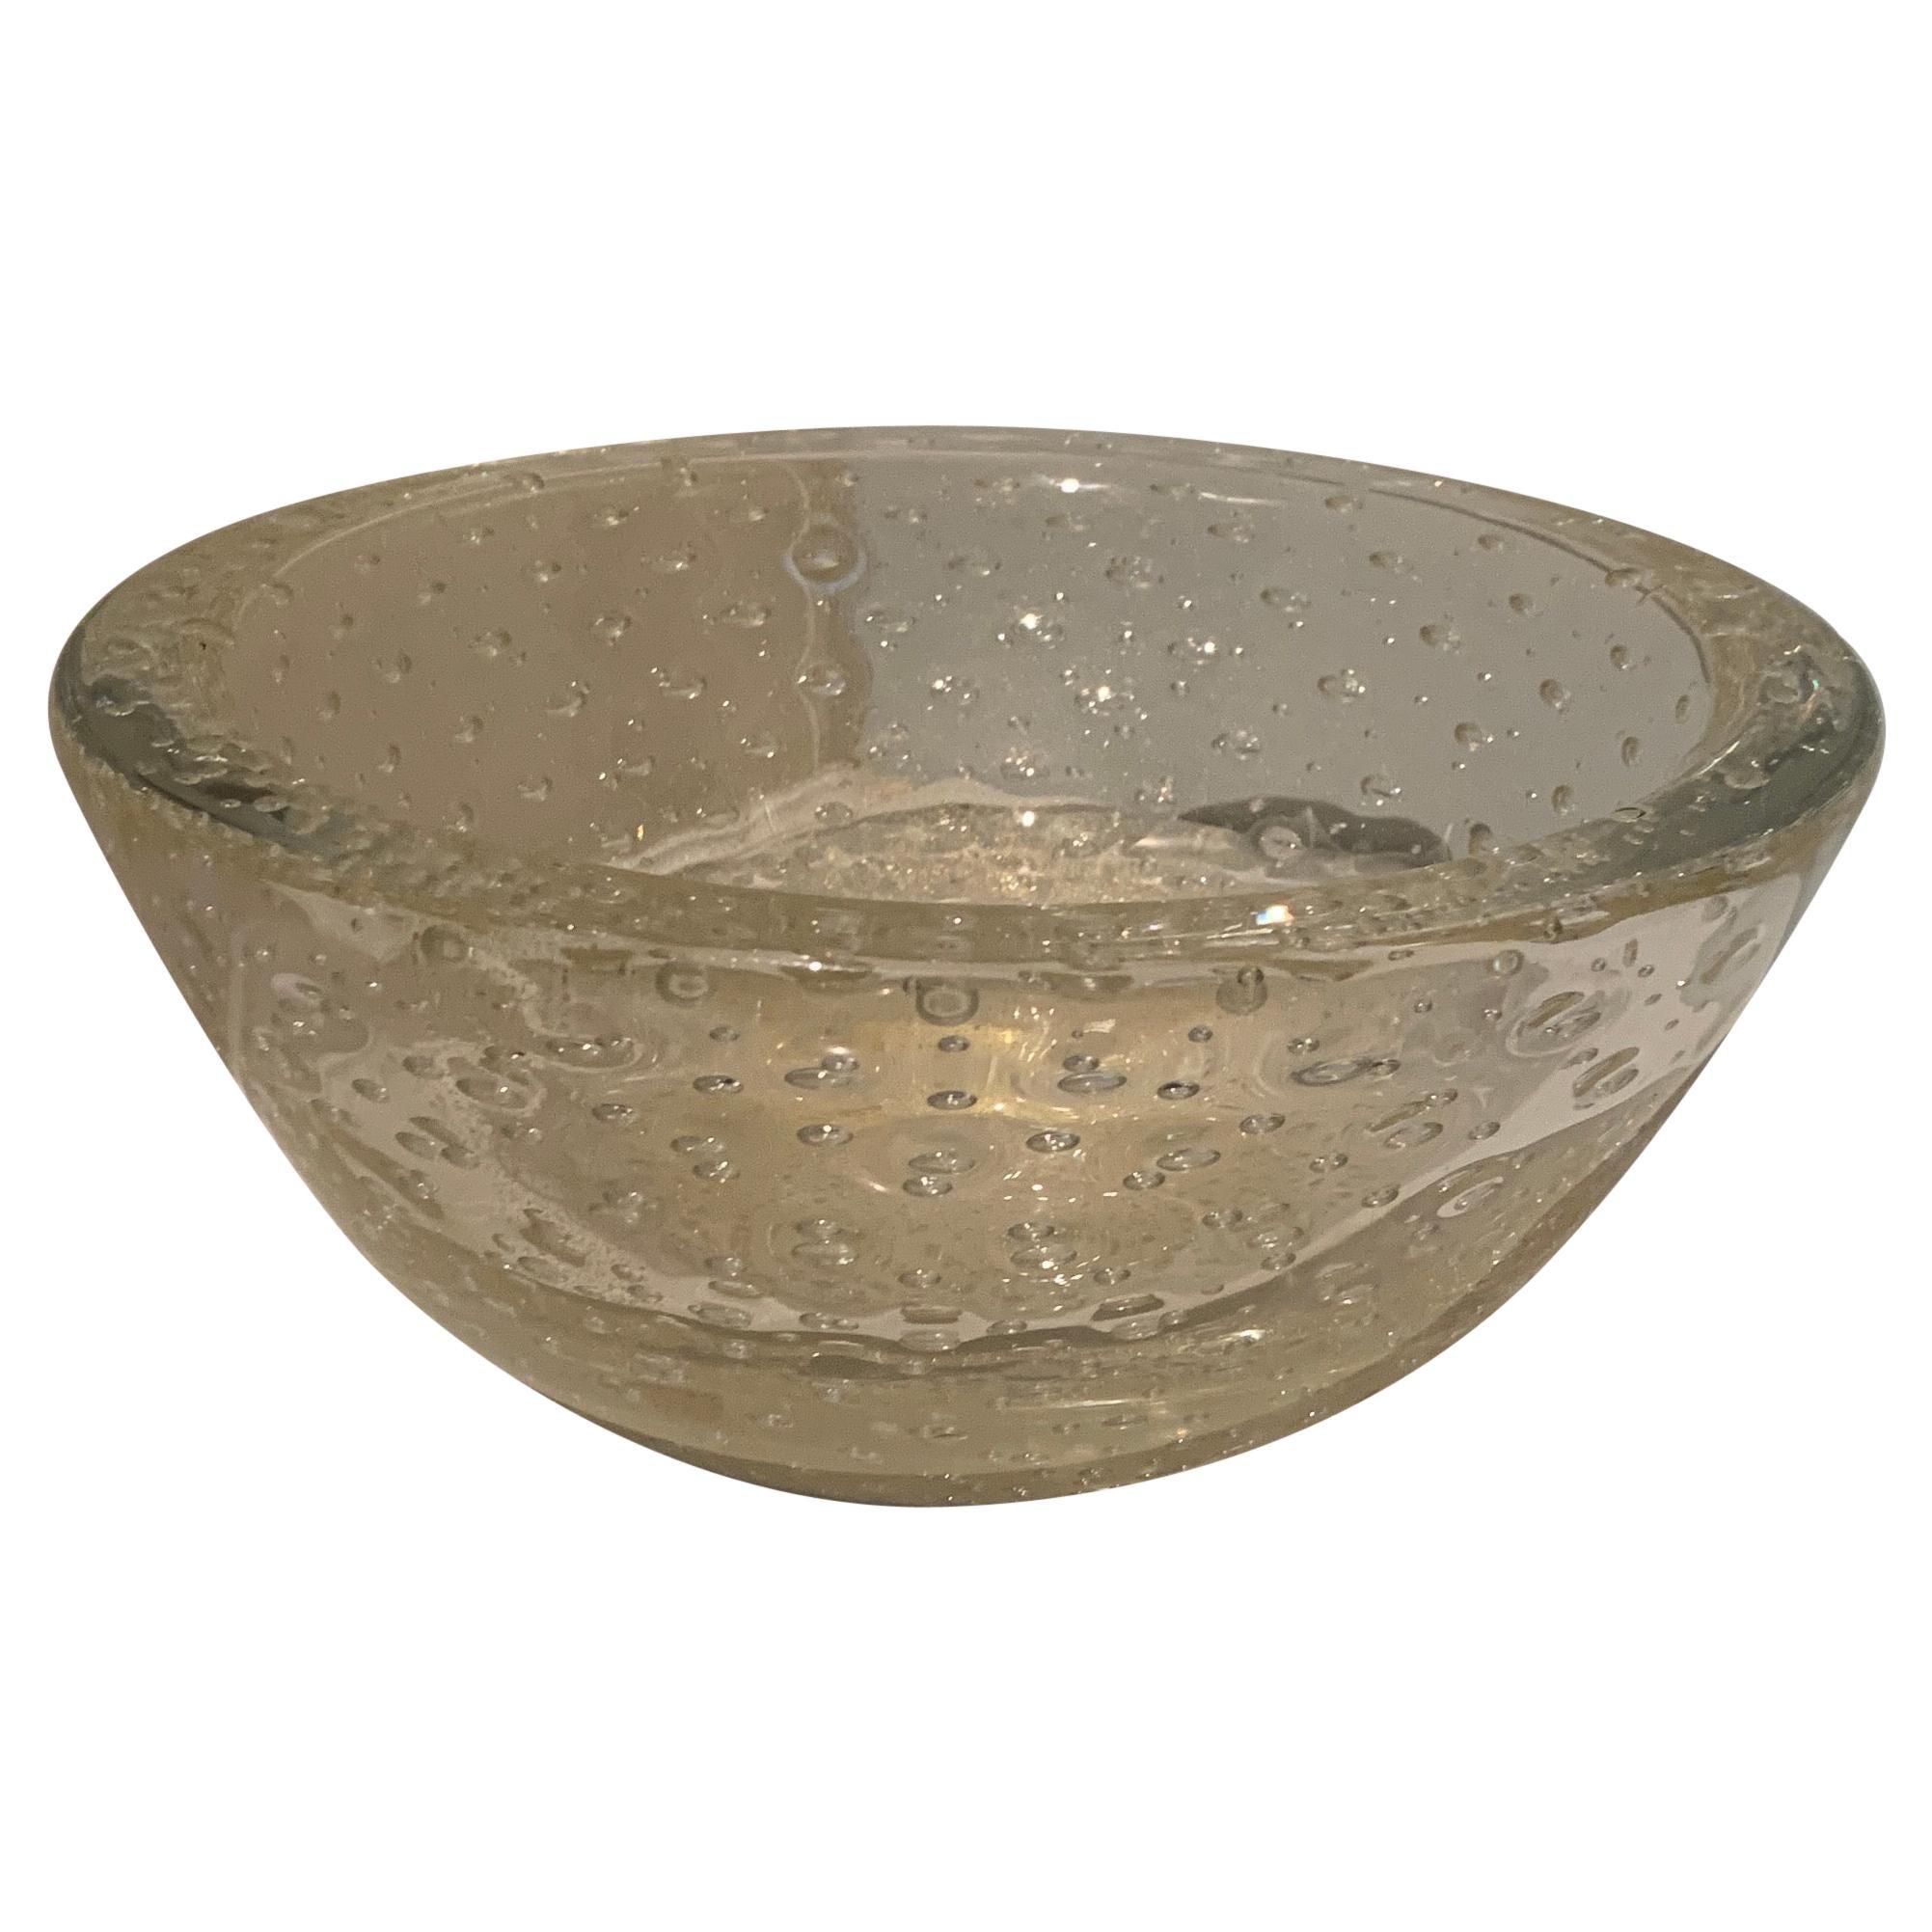 Italian Murano Venini Bullicante Bowl in the Style of Carlo Scarpa